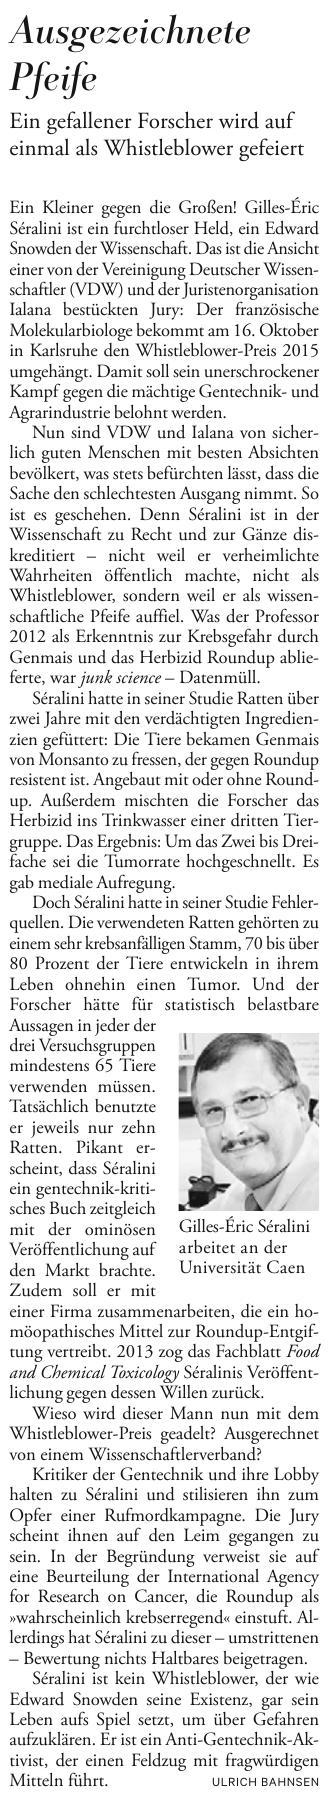 Seralini_Die_Zeit_39-2015.jpg